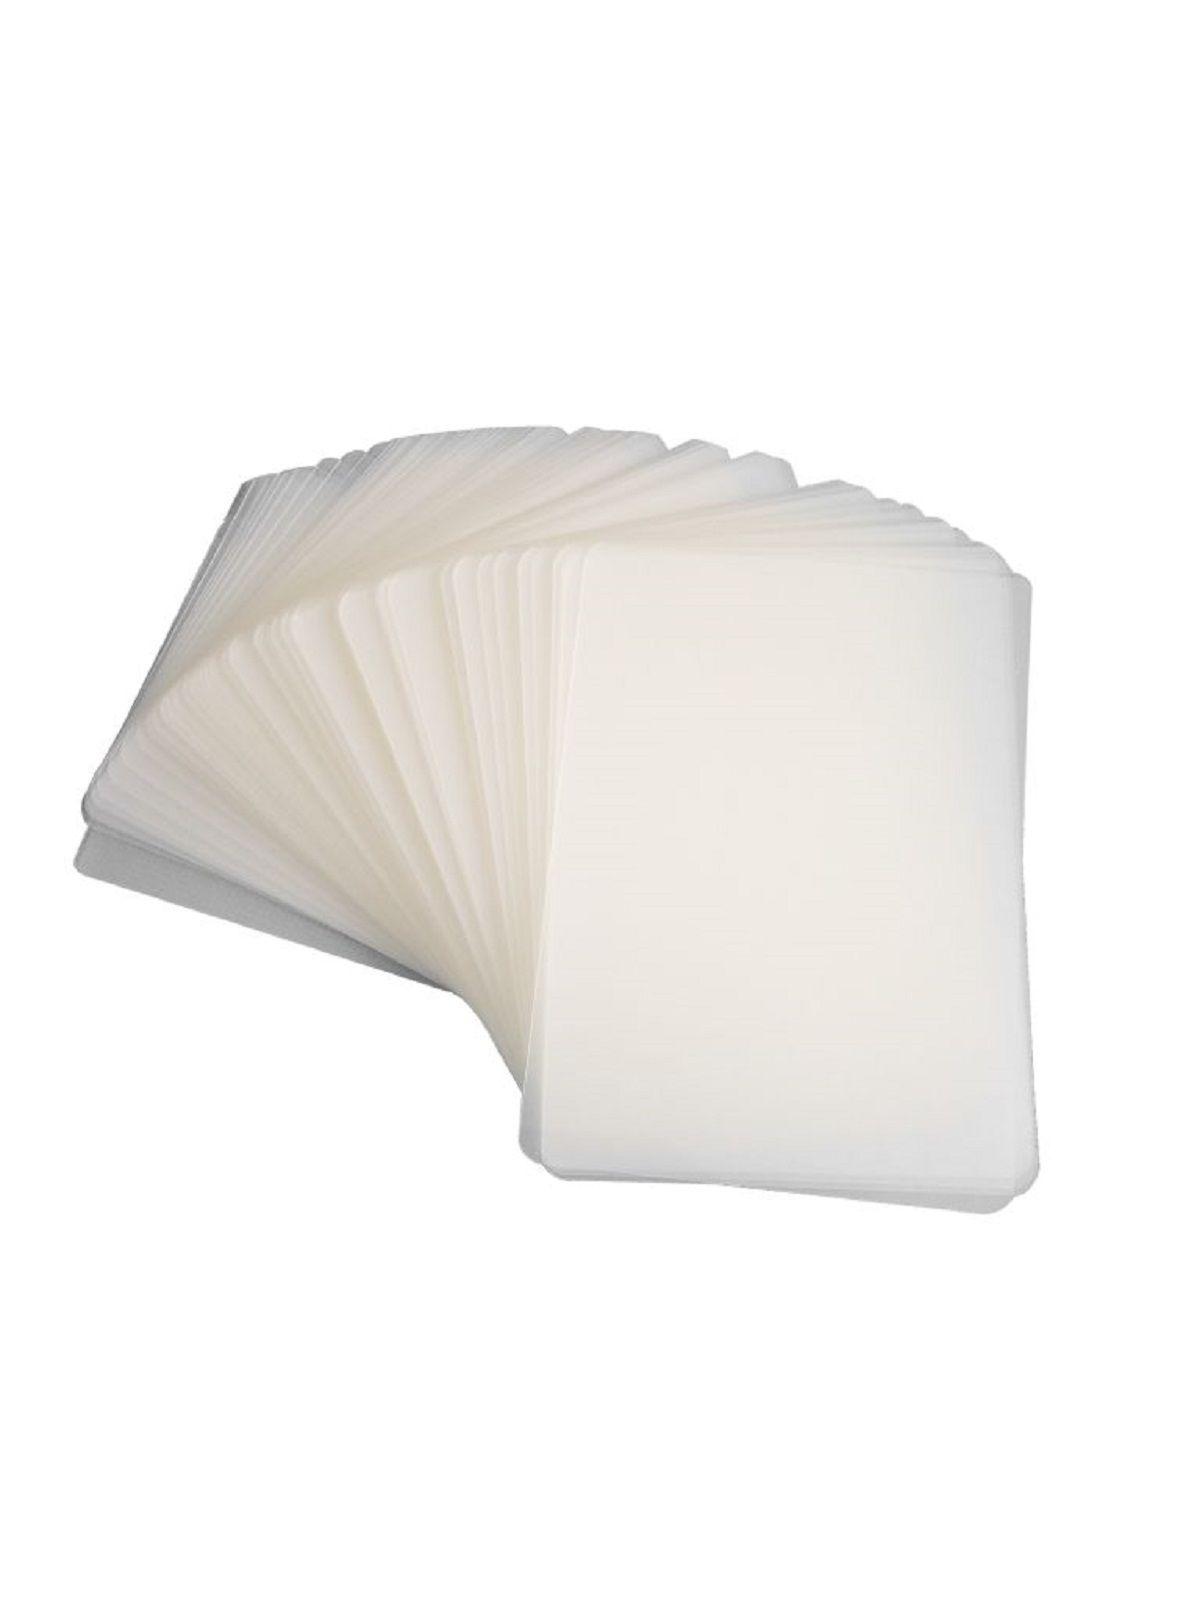 Polaseal para Plastificação CGC 110x170x0,10mm (250 micras) - Pacote com 100 unidades  - Click Suprimentos